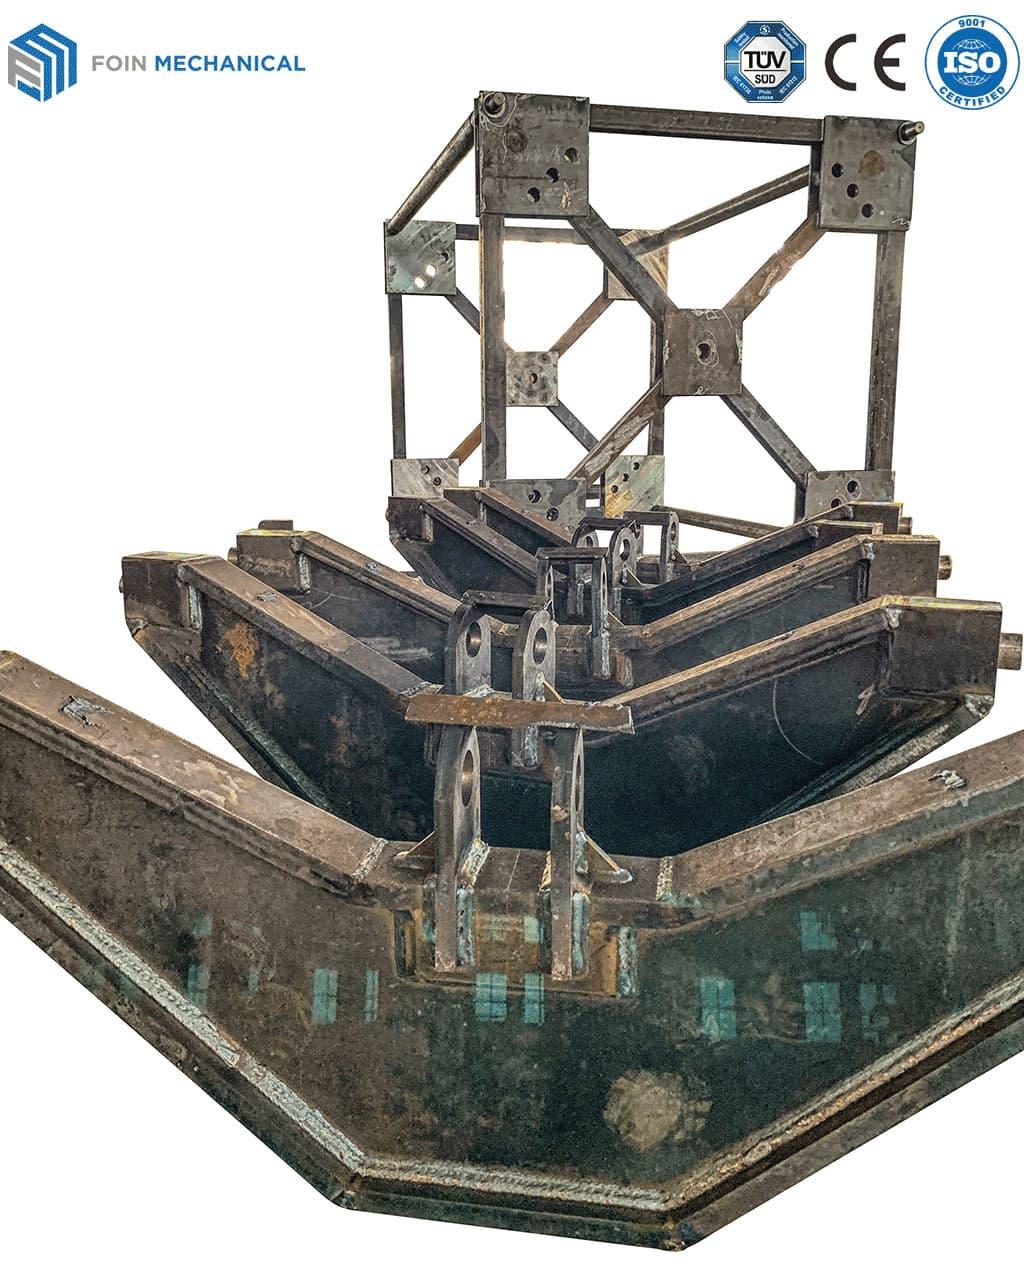 Bộ phận kết cấu thép của cẩu tháp hoàn thiện sau khi hàn